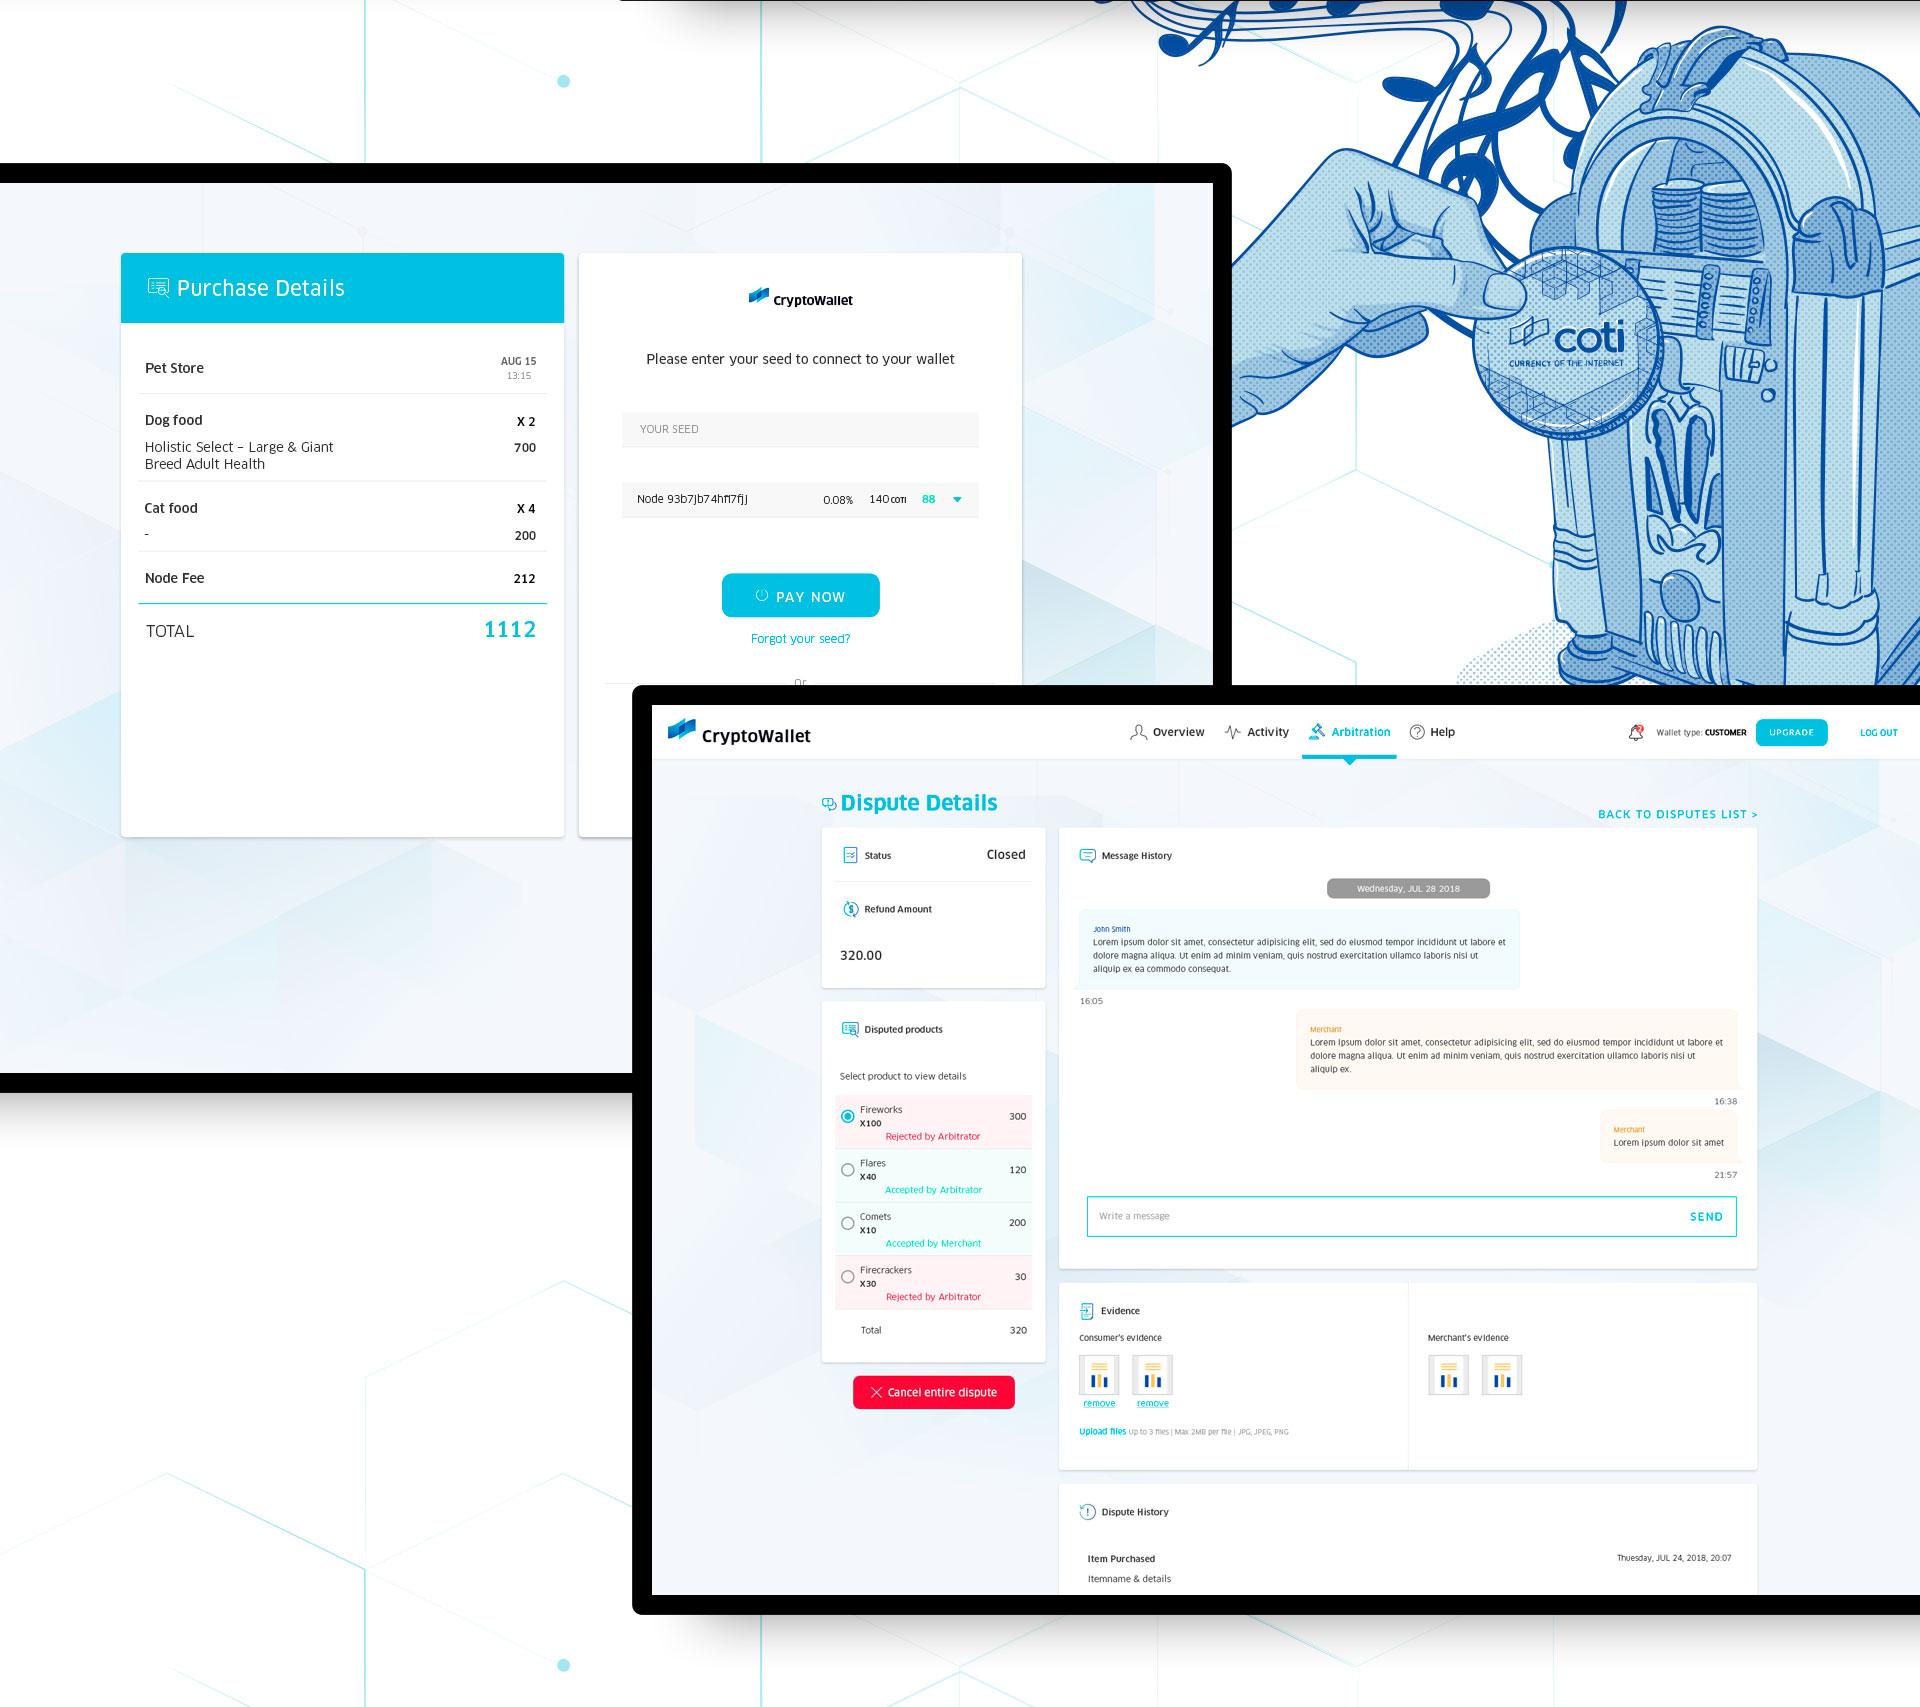 UI & UX for digital crypto currency wallet by COTI תכנון חוויית משתמש ועיצוב ממשק משתמש לארנק דיגיטלי קריפטו 3